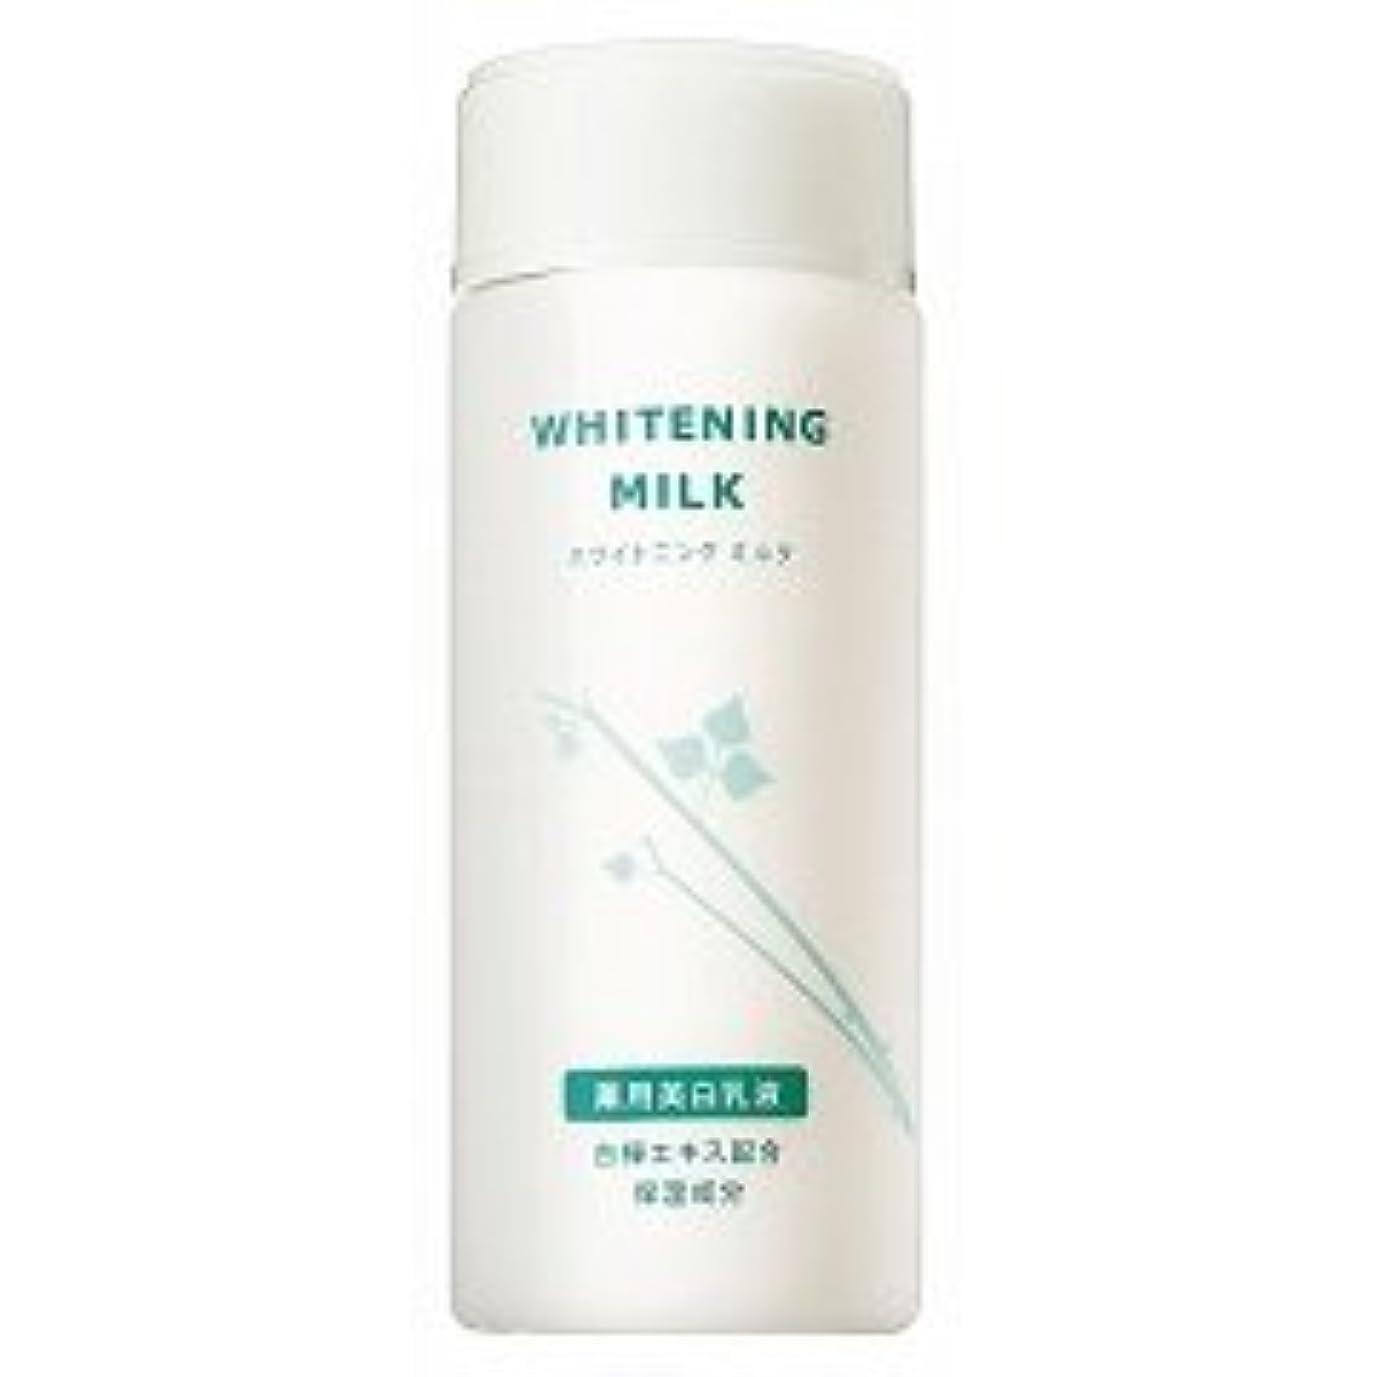 チートカウンターパート最初にエイボン(AVON) 美白乳液 ホワイトニング ミルク 150ml【医薬部外品】